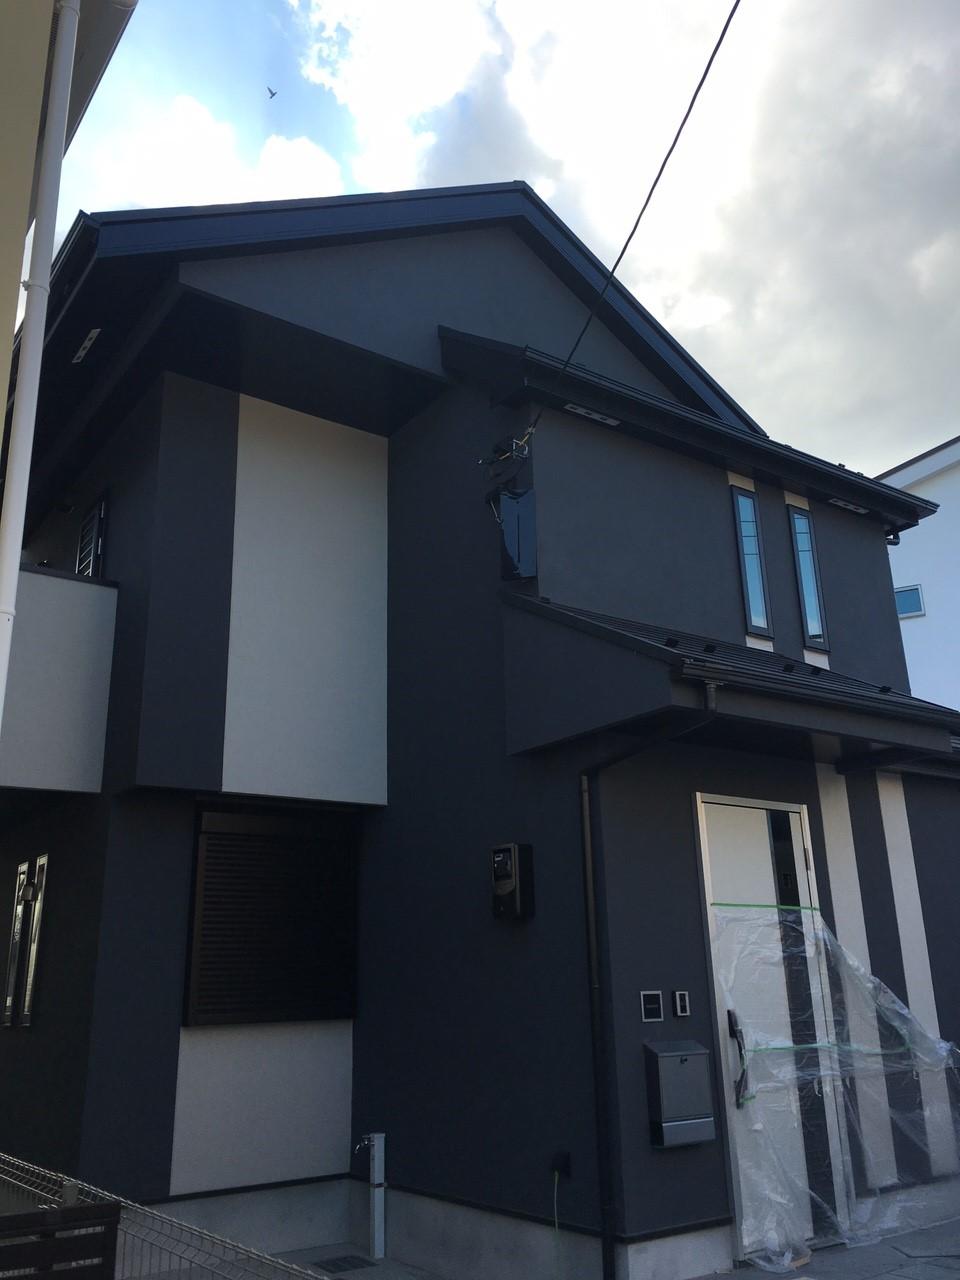 神奈川県横浜市のデザインアンテナ工事事例